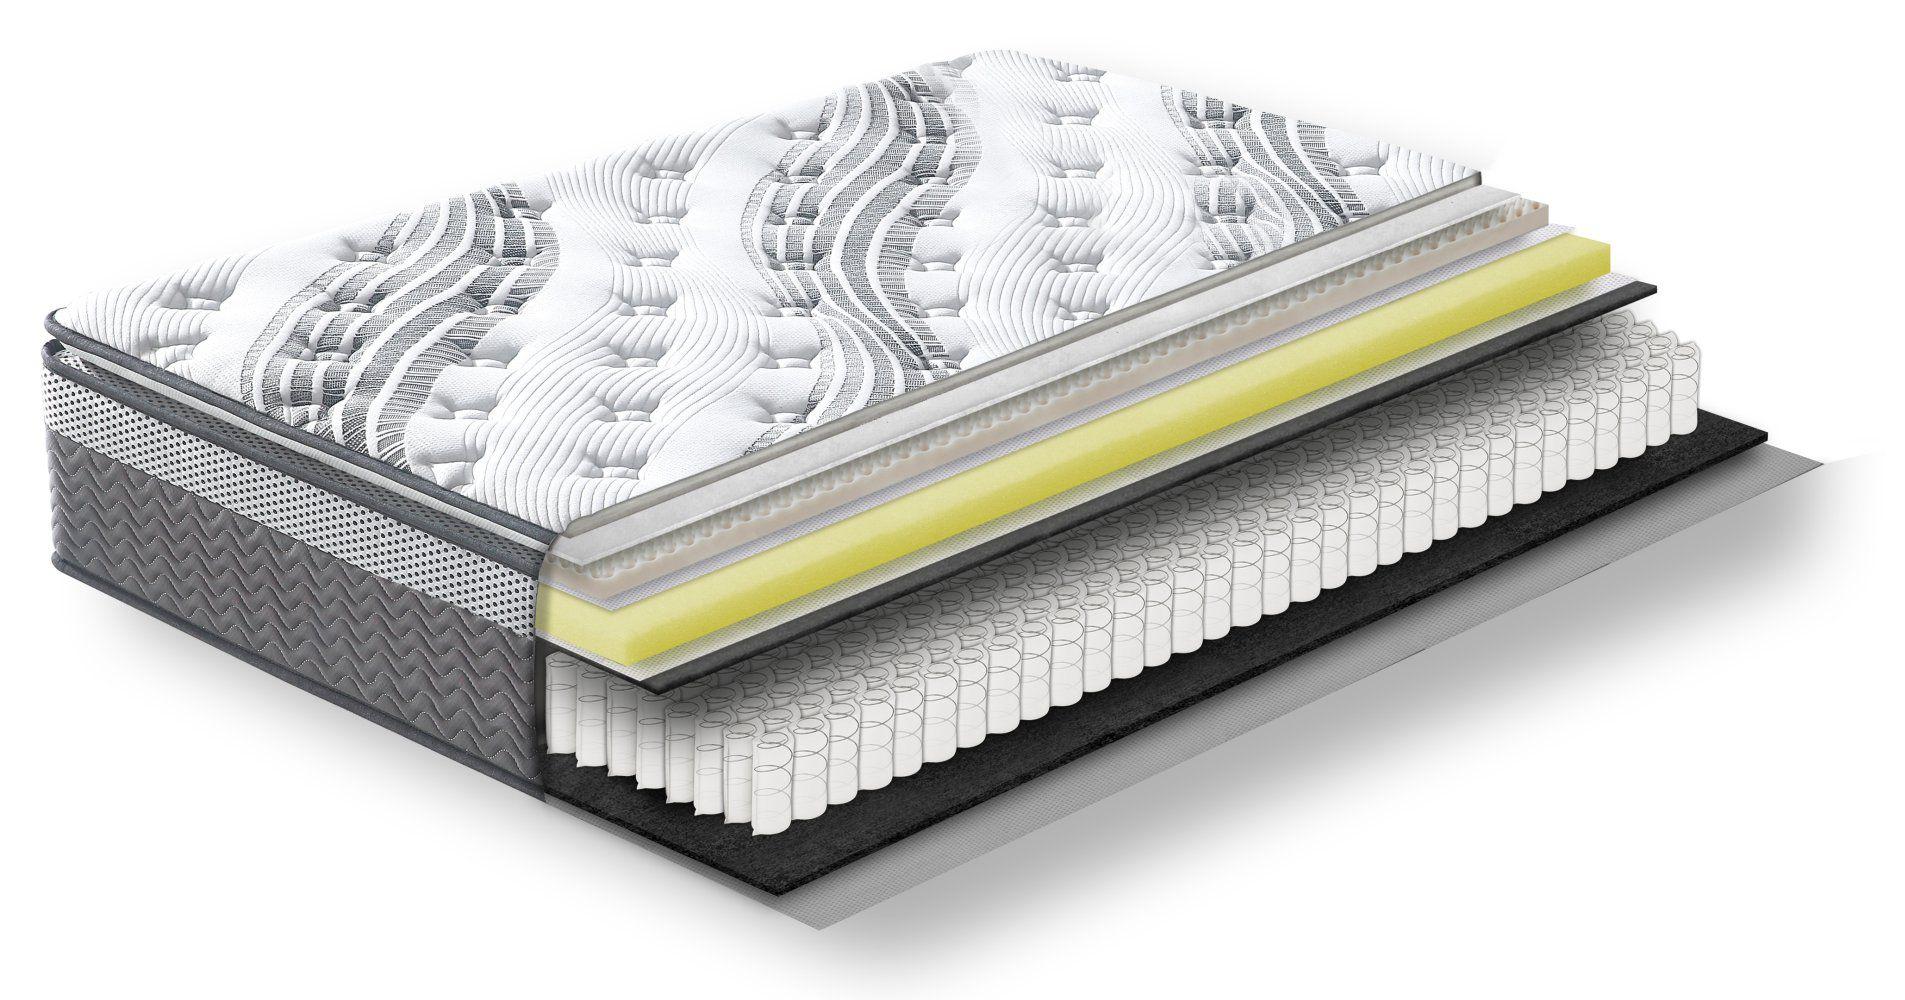 Steiner Premium Matratze Relax mit Taschenfederkern - Größe: 120 x 200 cm, Härtegrad H3-H4, Höhe: 33 cm